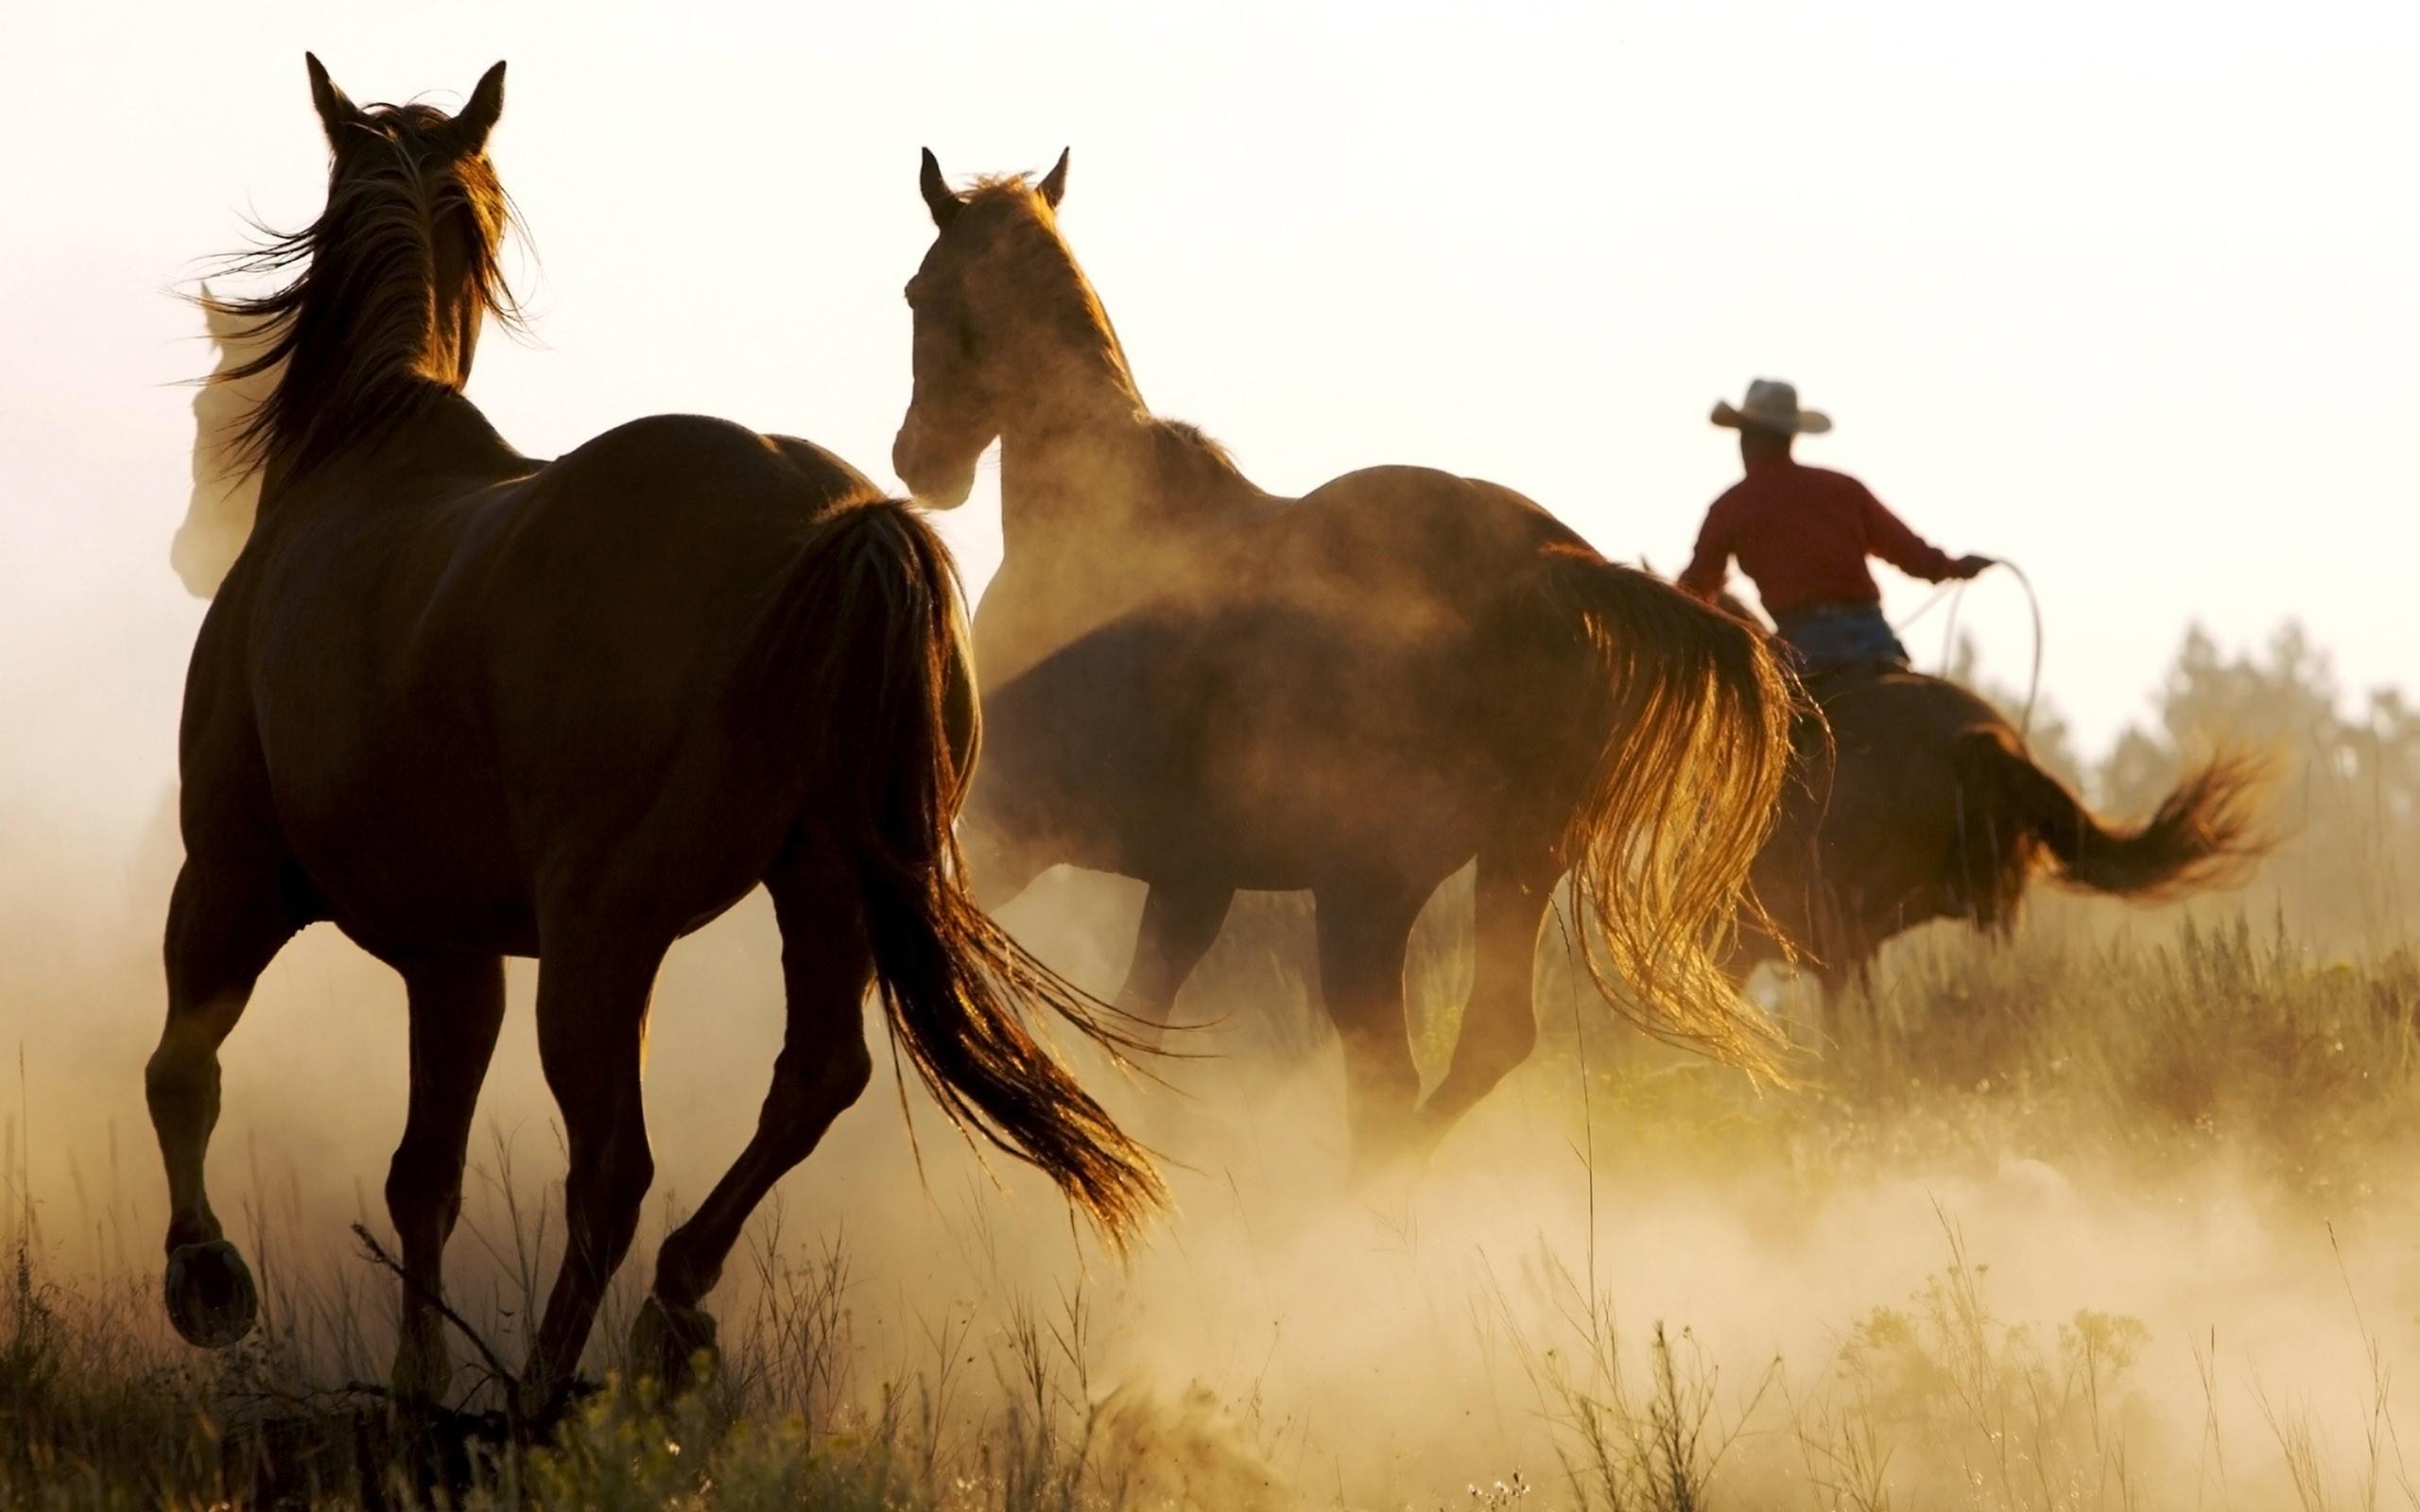 ... Horses y Cowboy fondos de pantalla | Wild Horses y Cowboy fotos gratis